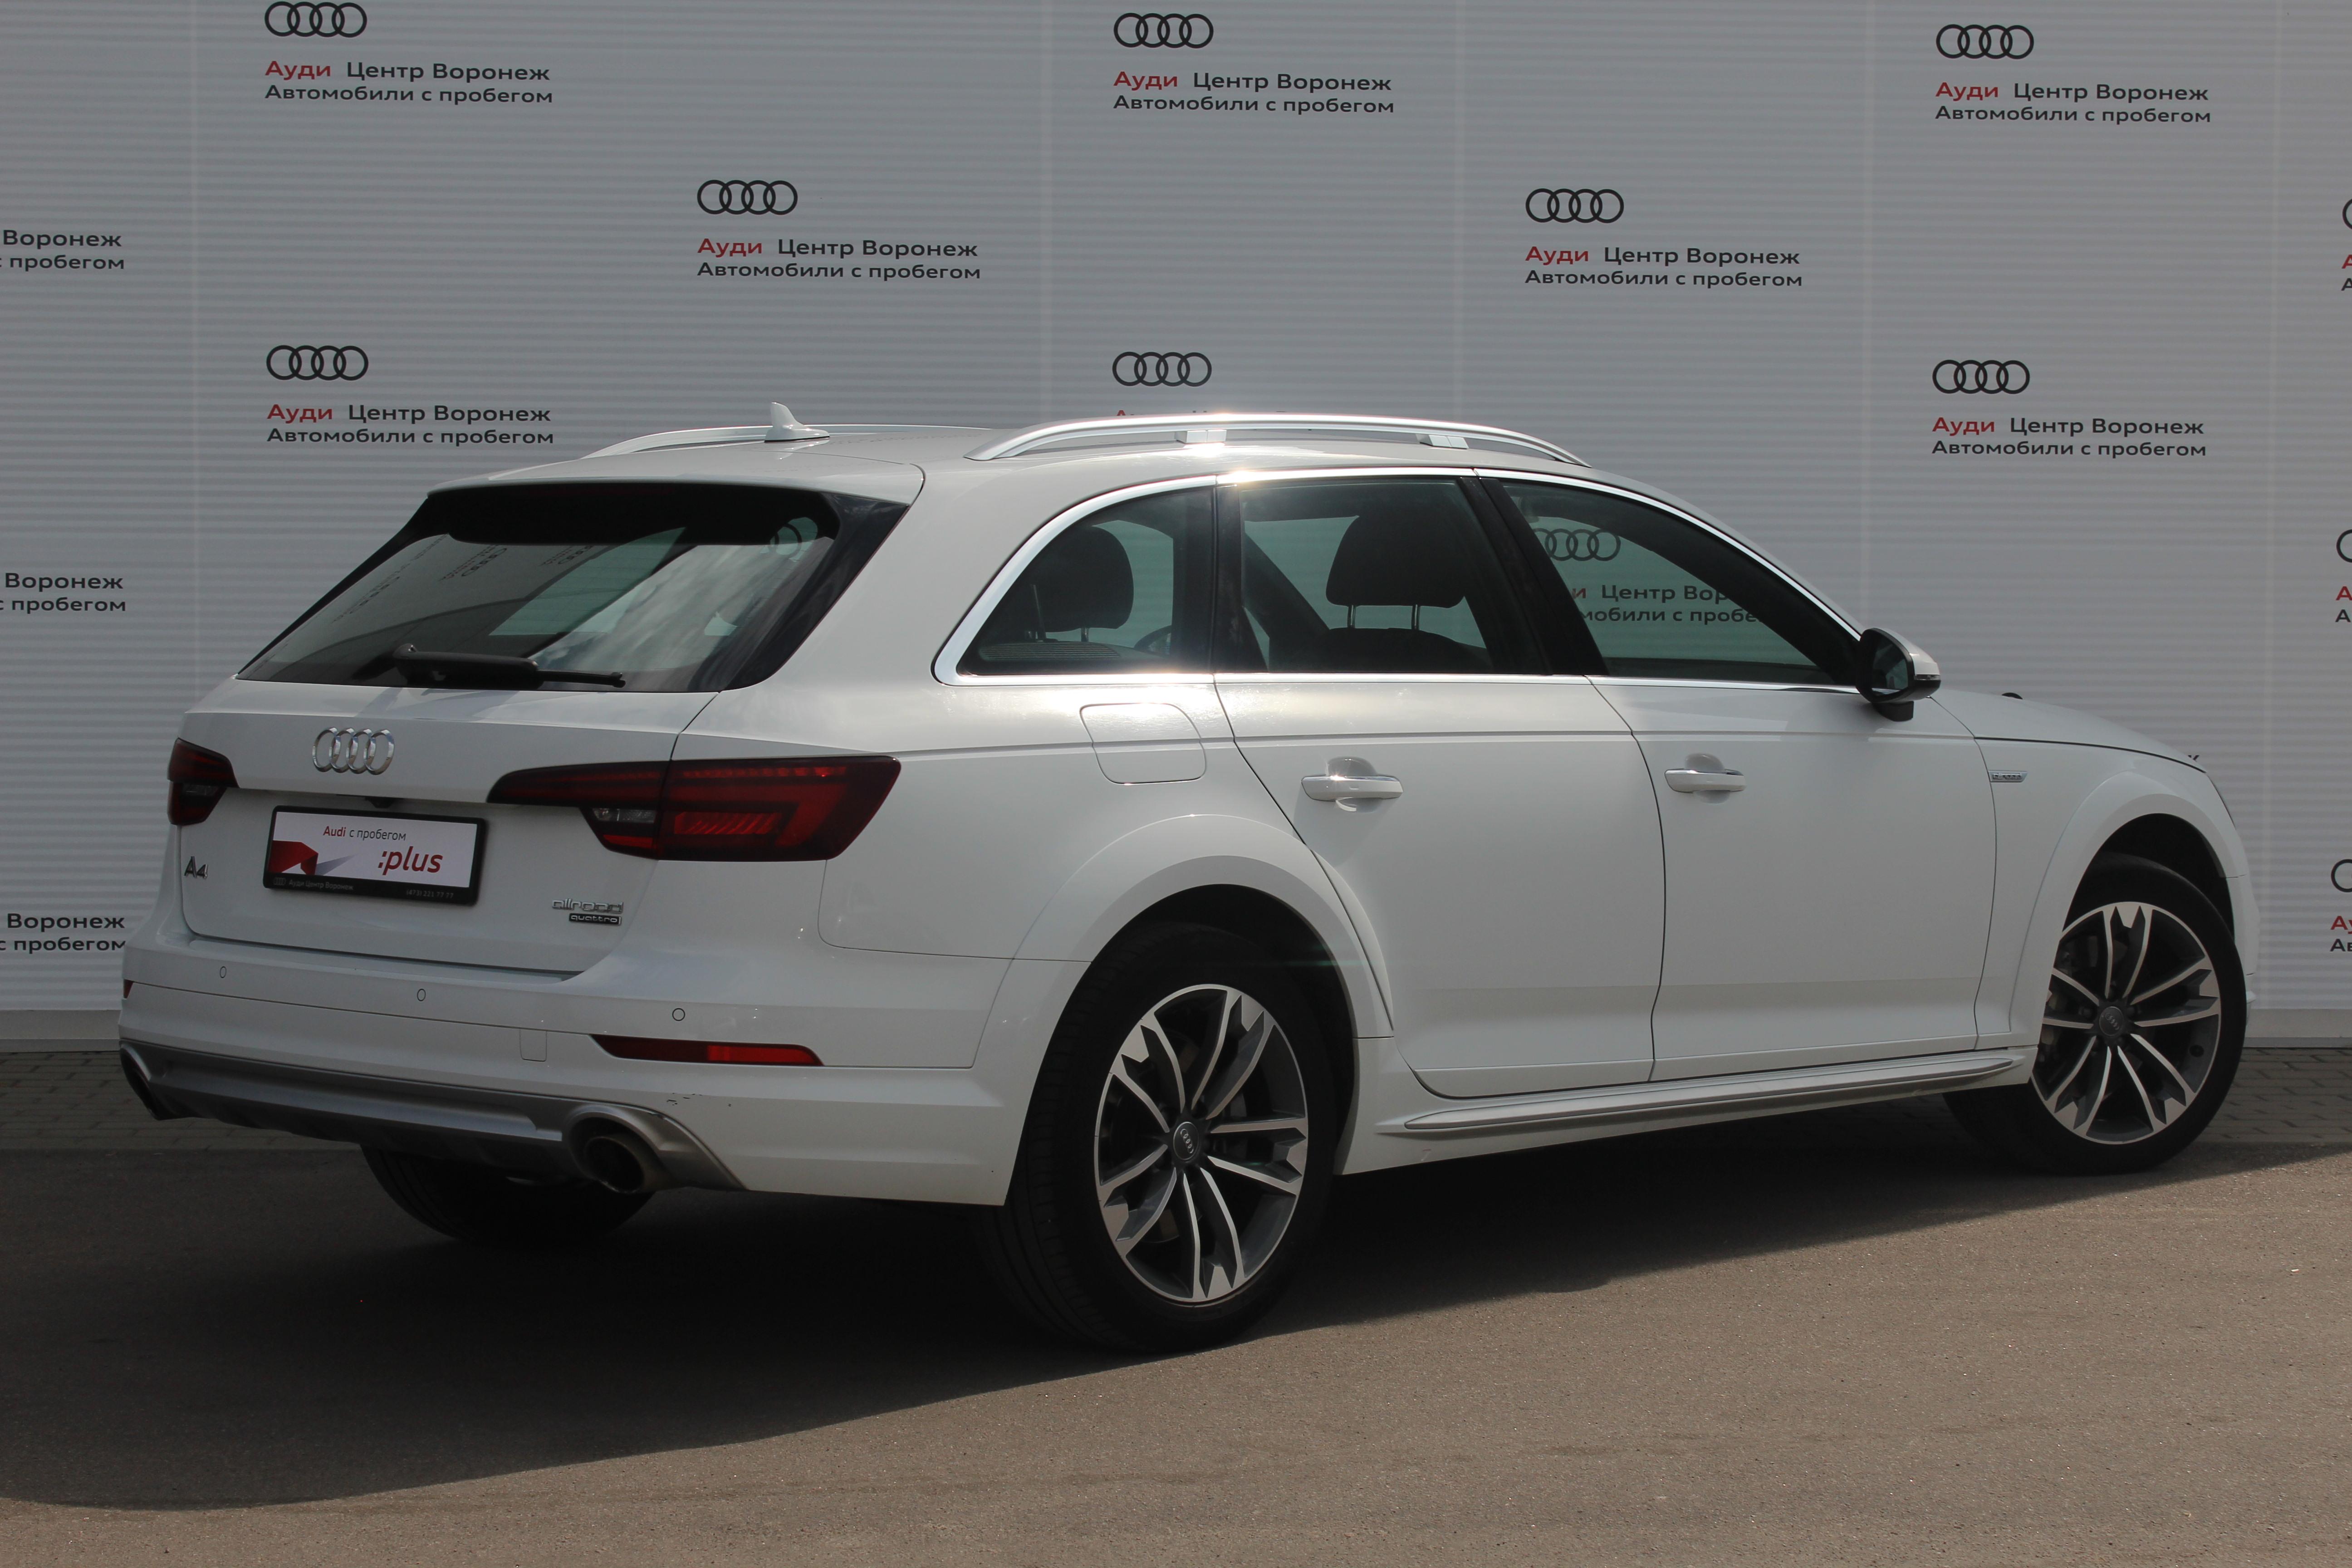 Audi A4 Allroad Универсал (2018г.)